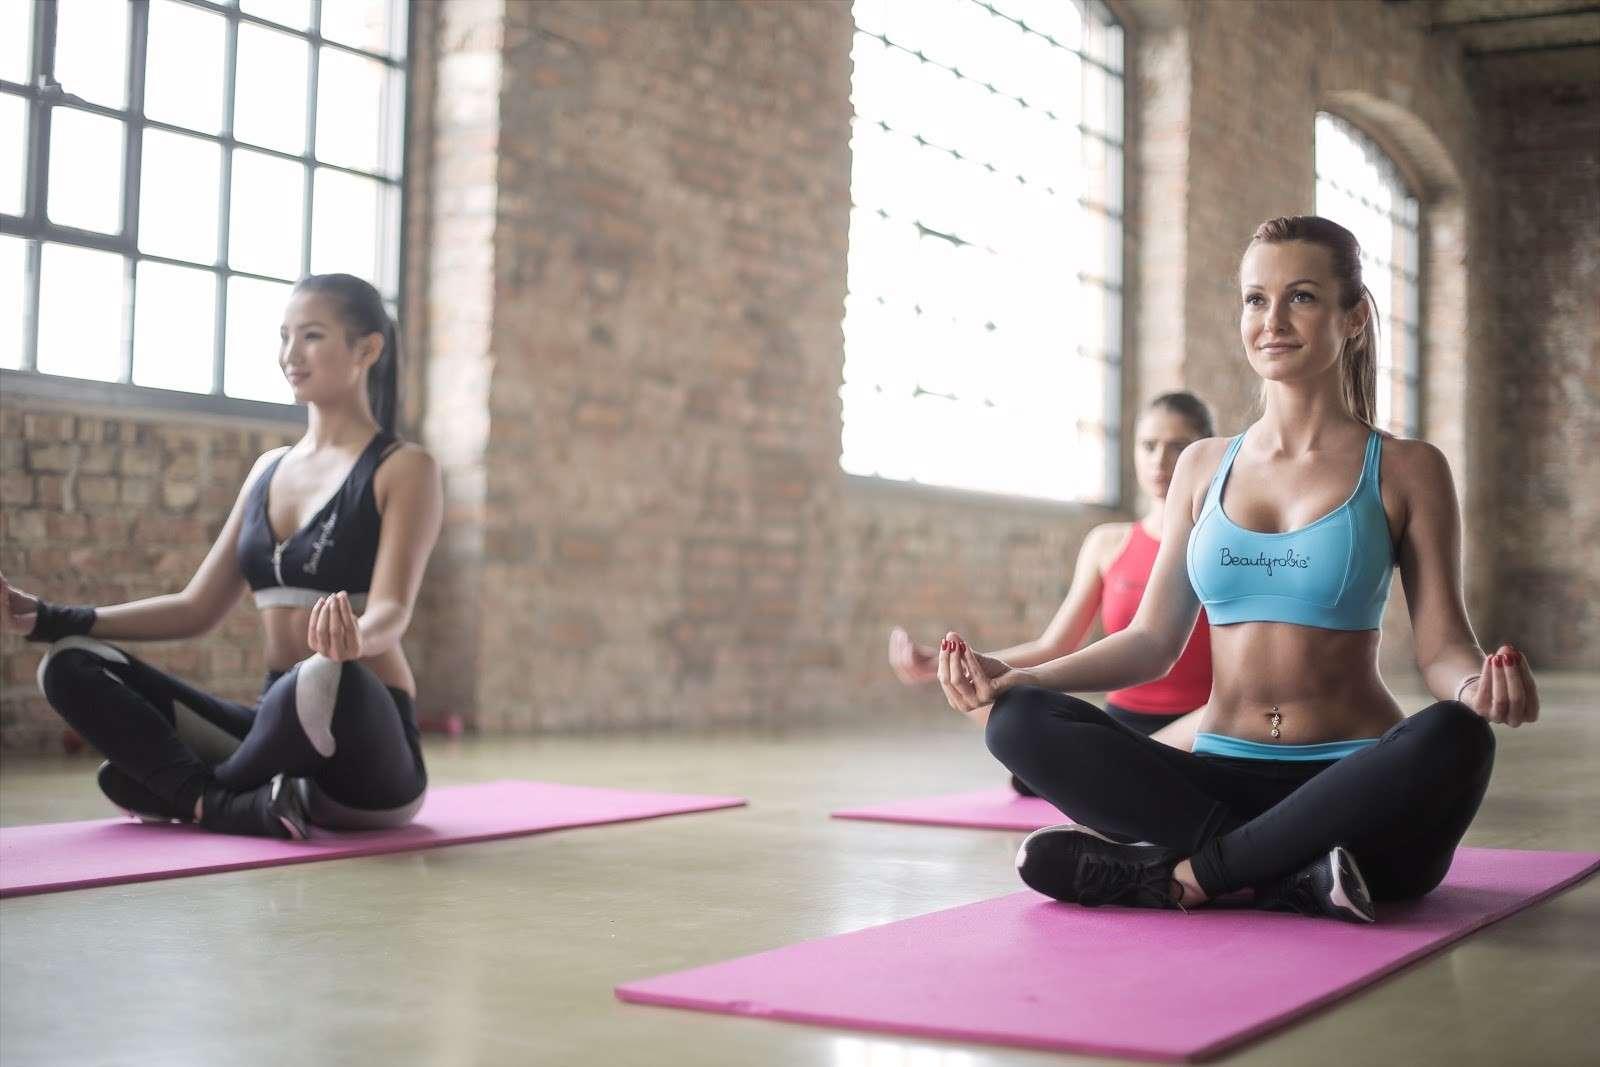 Femmes pratiquant le yoga ou le pilates